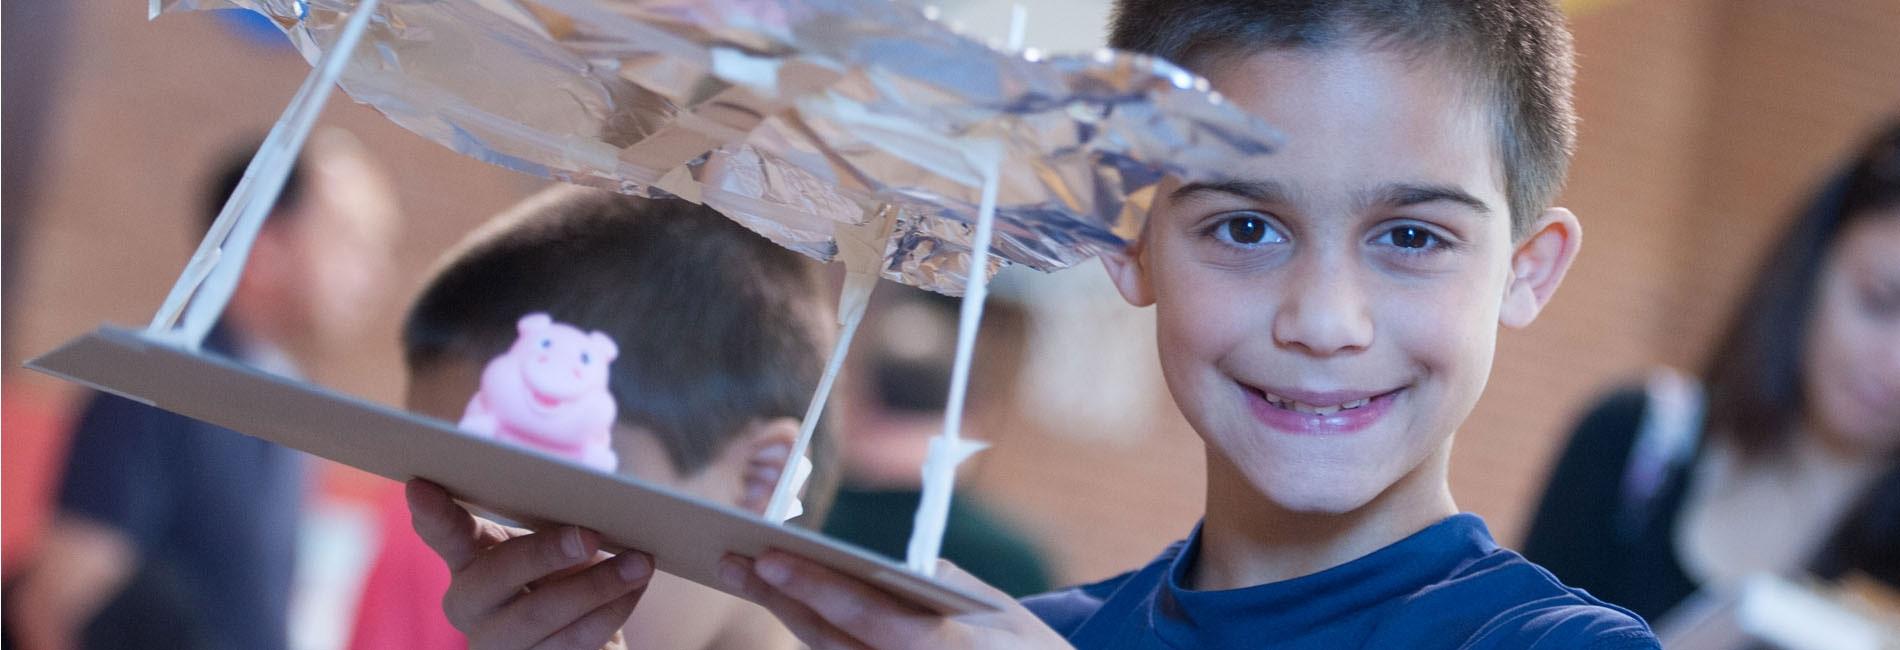 Photo courtesy of Needham Education Foundation